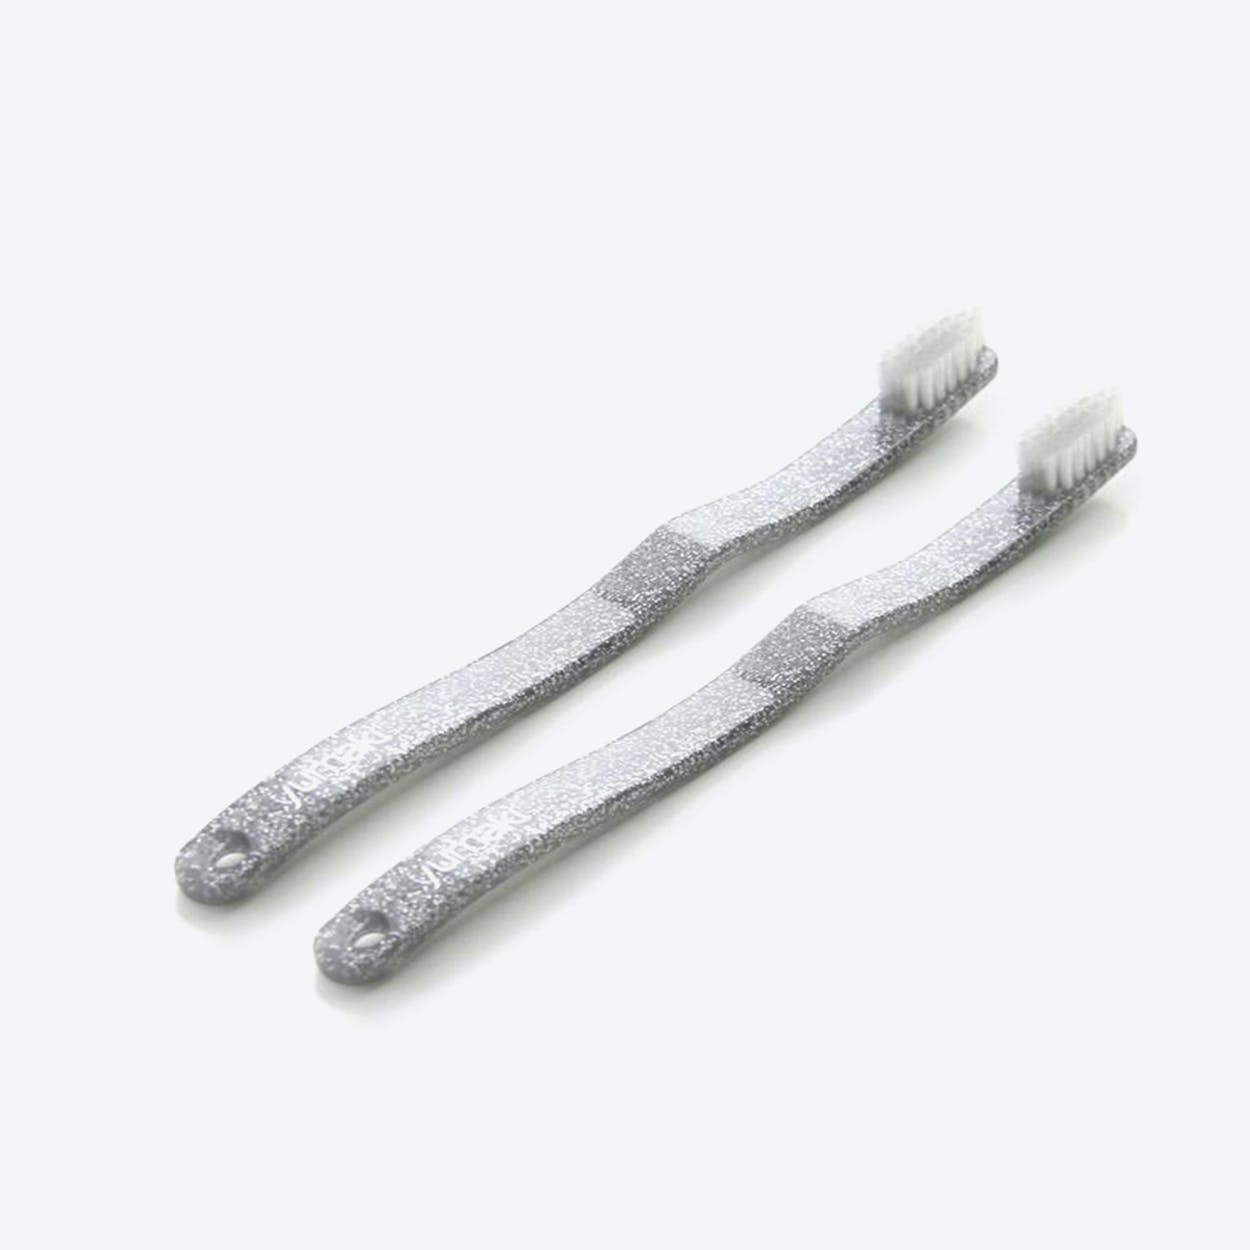 Ginga Toothbrush (set of 2)